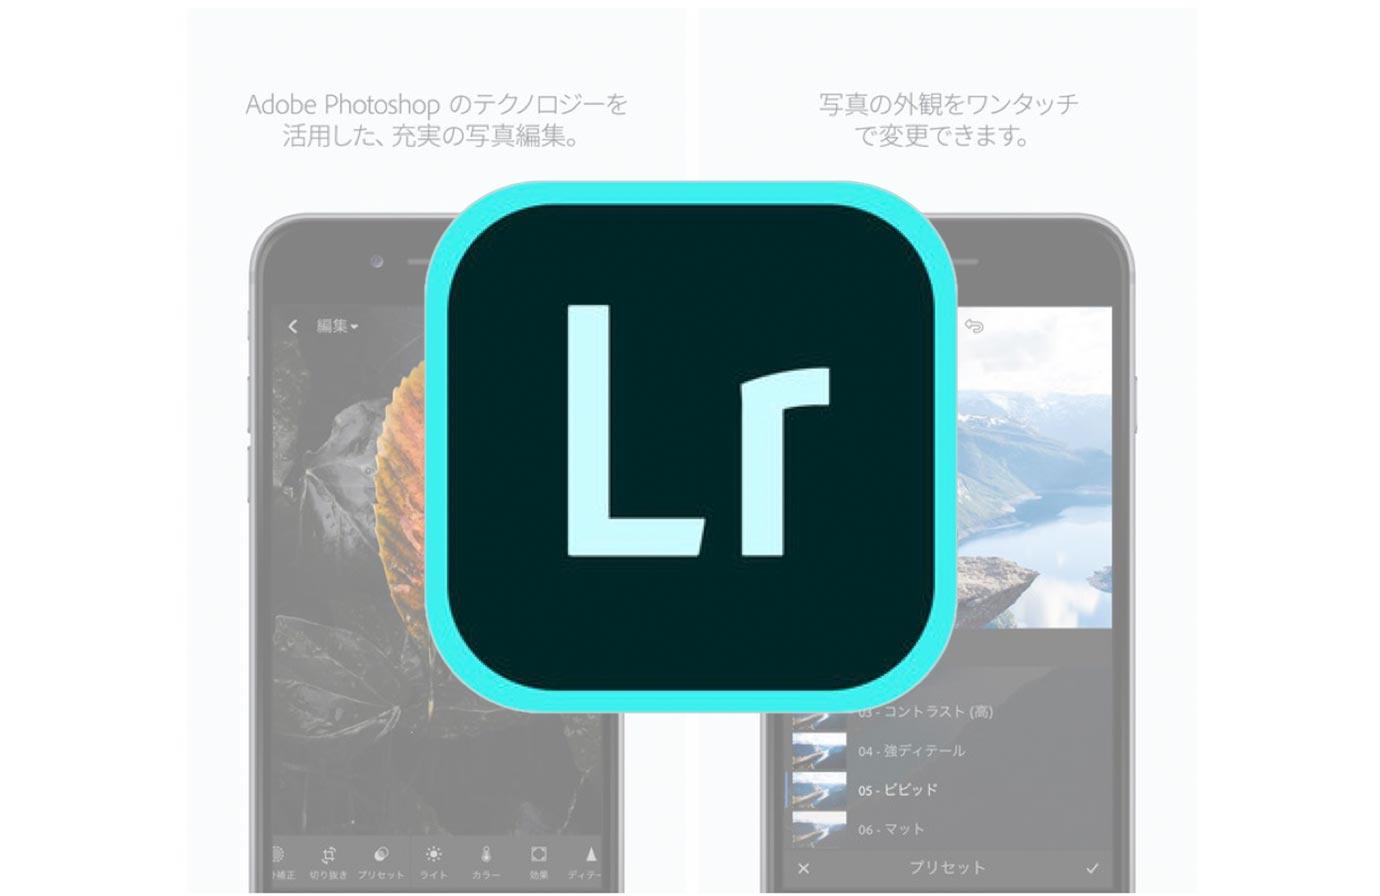 Adobe、iOSアプリ「Adobe Lightroom CC 3.0.1」リリース ― 縦向きモードの対応を修正など